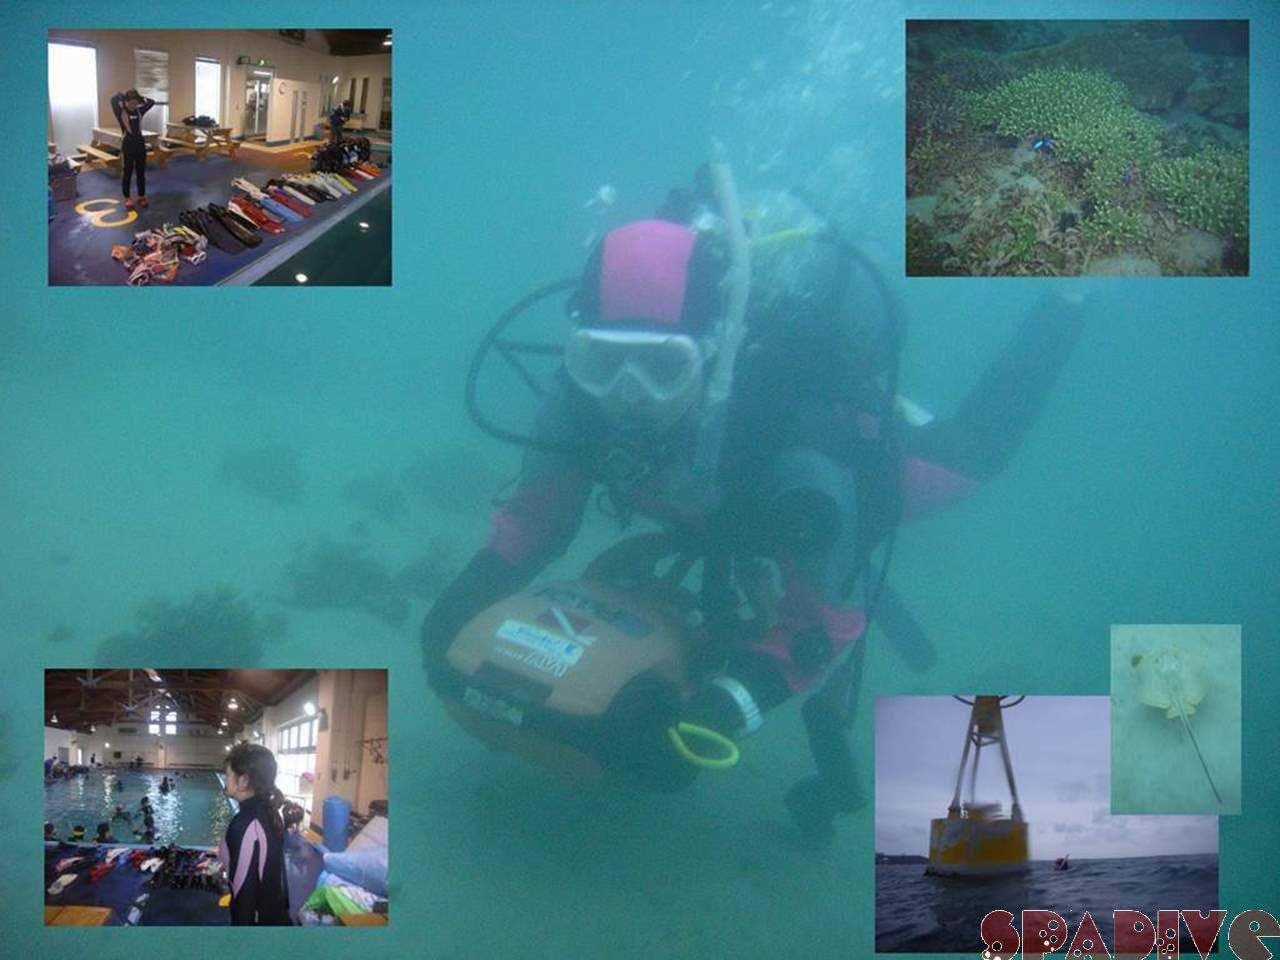 白崎海洋公園で器材モニター会|白浜で水中スクーター|3/24/2007